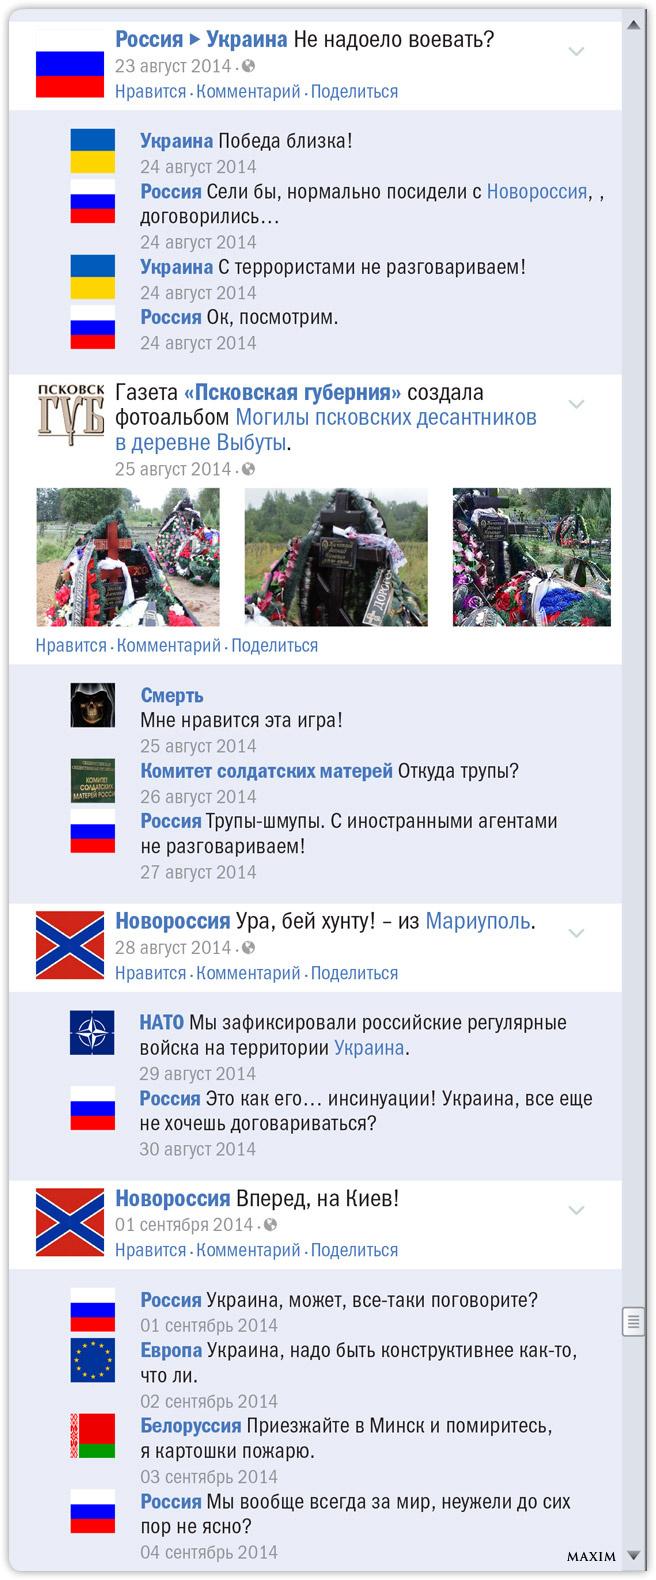 прикольные картинки и видеоролики 1413478567_rossiya-i-uraina-perepiska-facebook-11